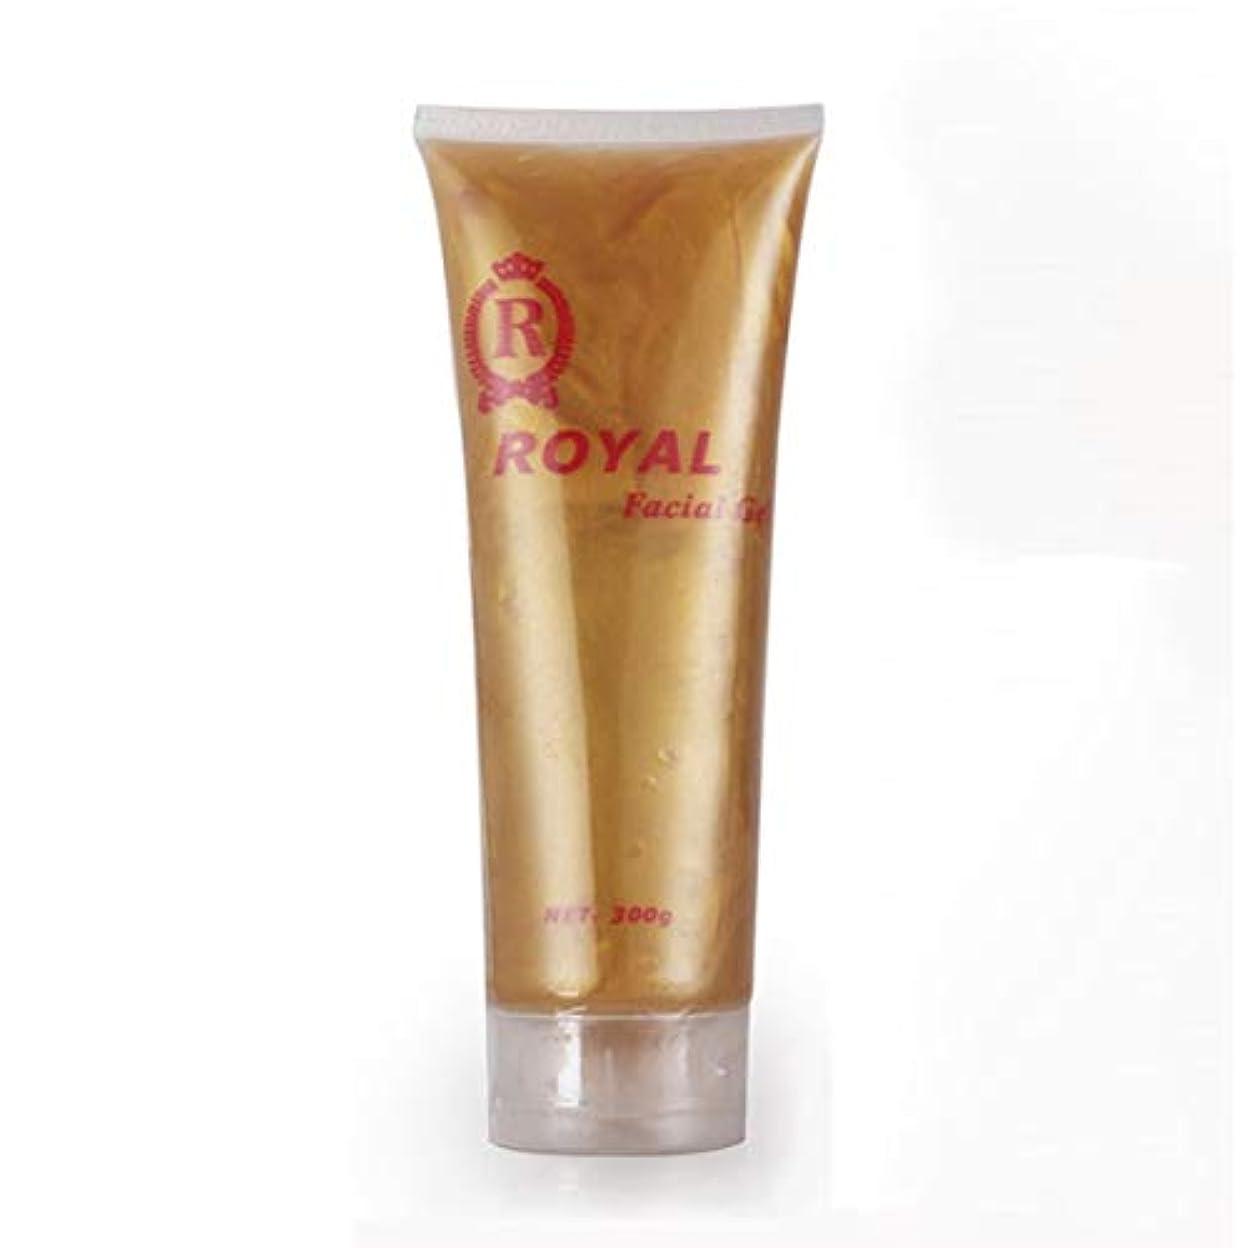 ミトンジェームズダイソン強いIntercorey Beauty Equipment Import Gel Skin Lifting Firming Anti-Wrinkle Body Shaping Beauty Essence Importing...